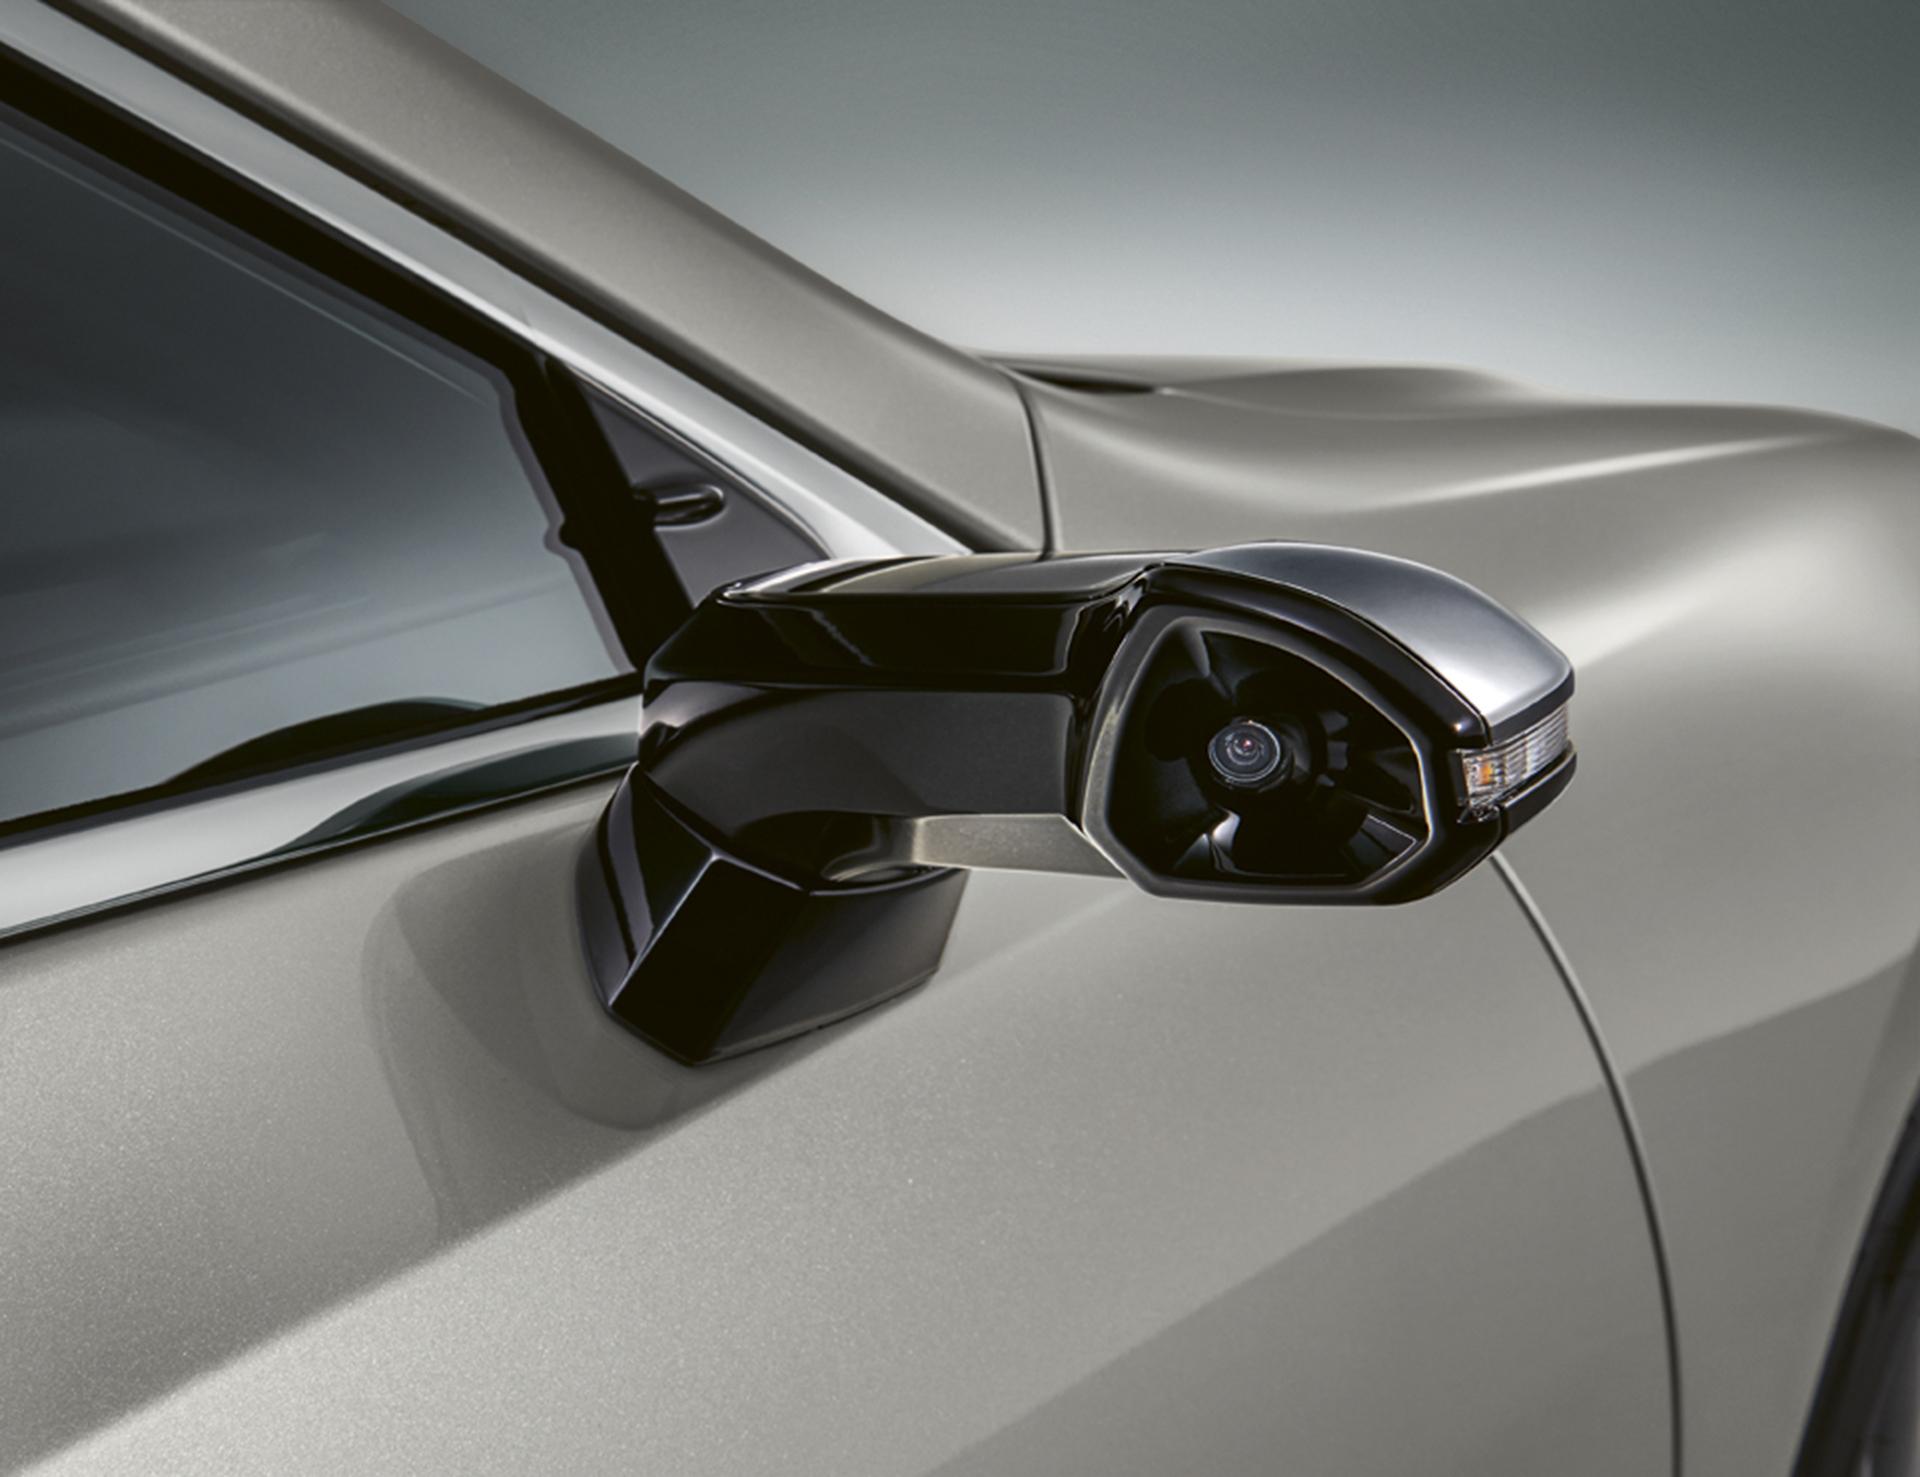 Lexus Es 300h Camaras Retrovisores 1